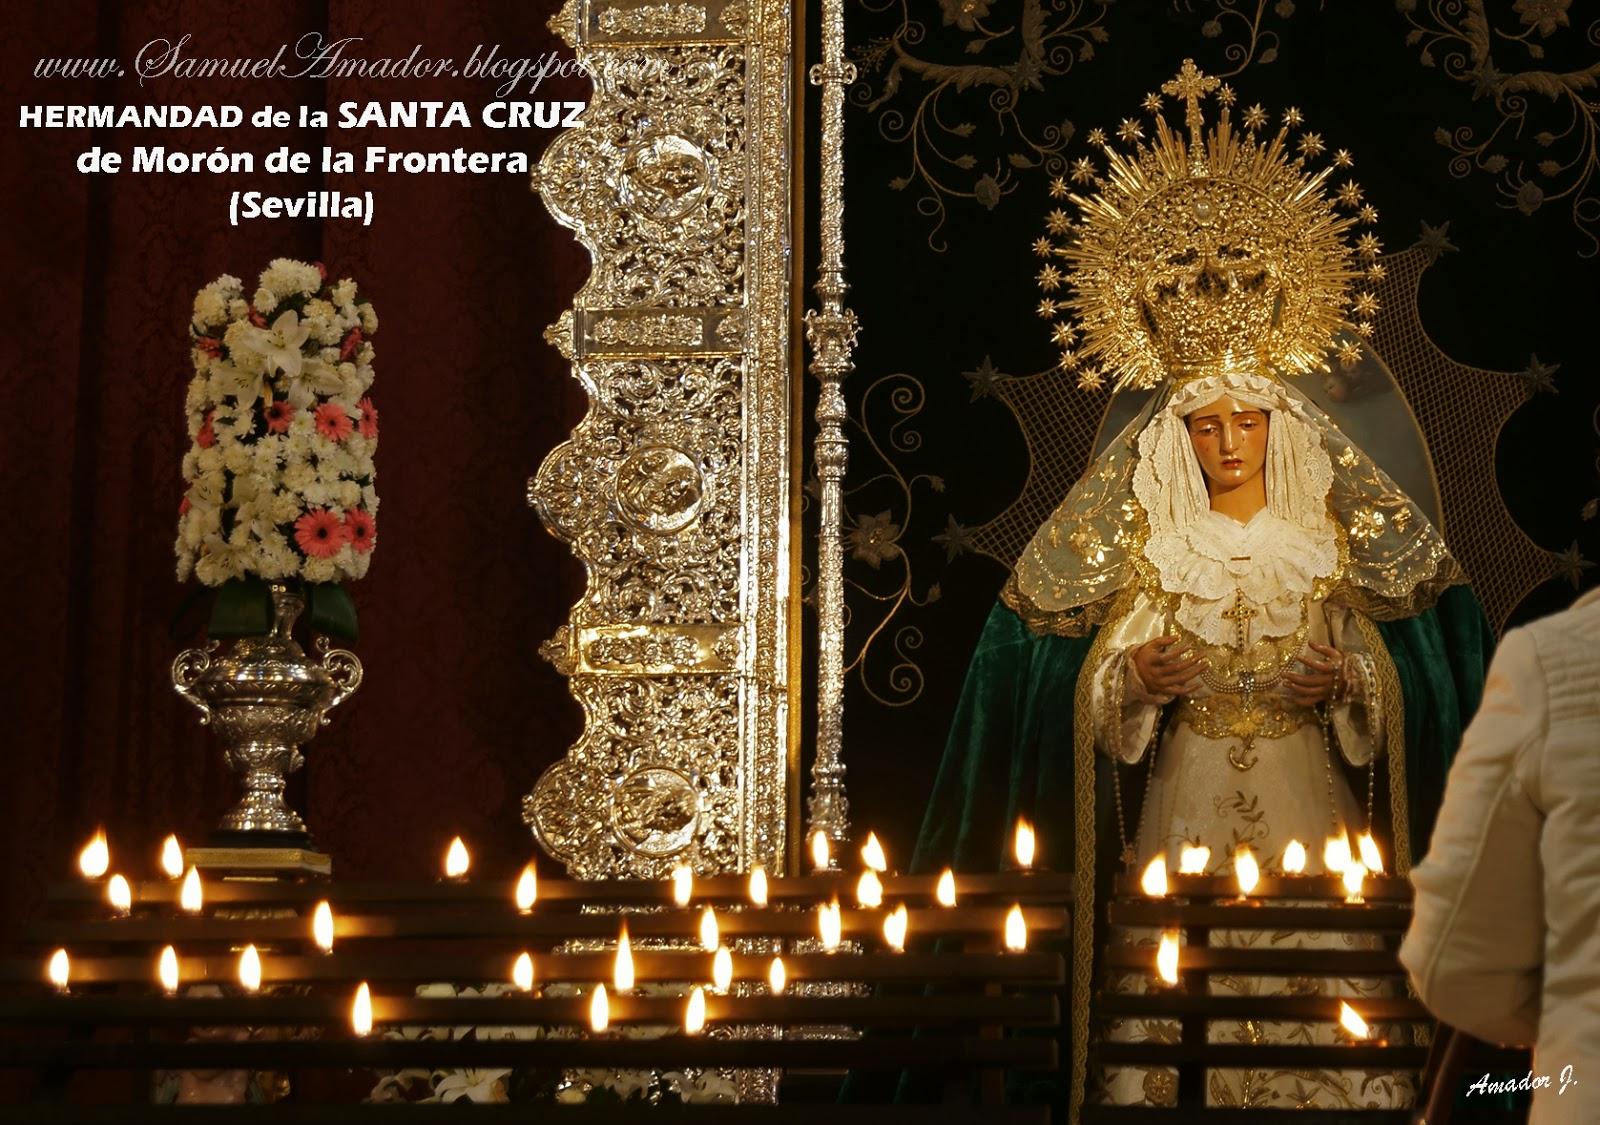 Hdad de la santa cruz de mor n de la frontera sevilla - Fotos de moron de la frontera ...